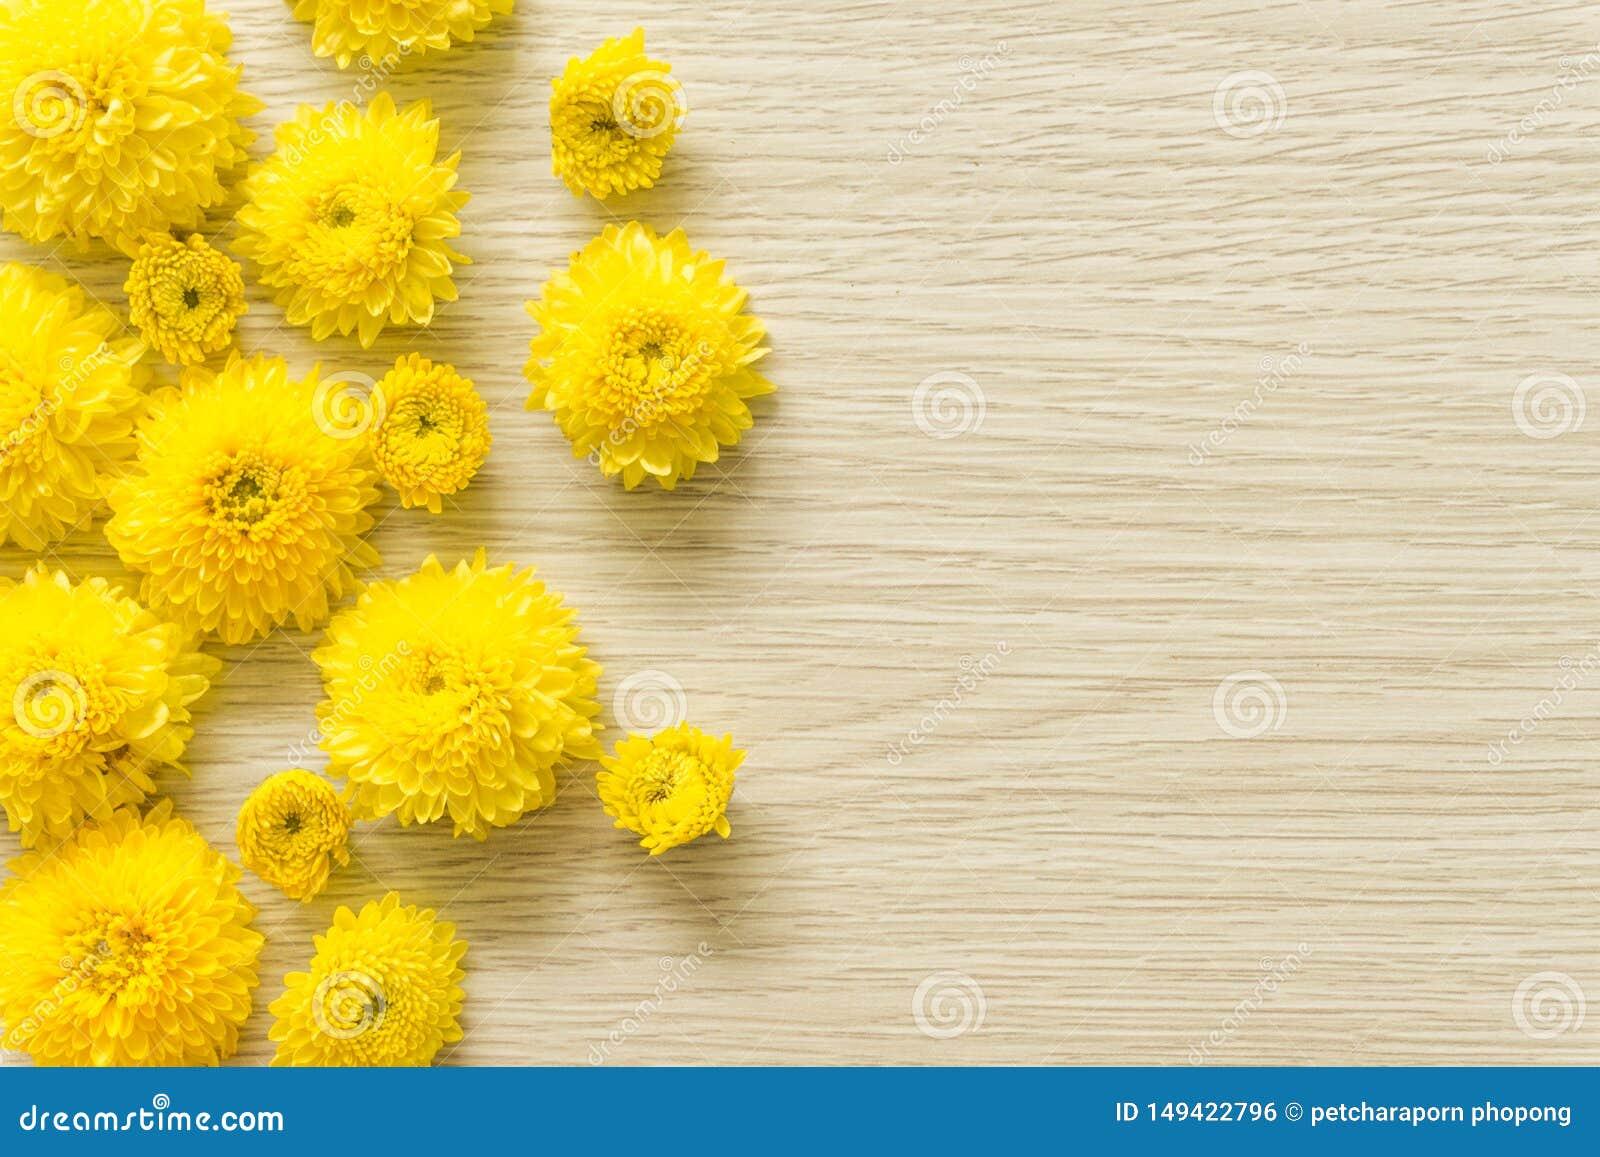 在木背景的黄色菊花,自由空间